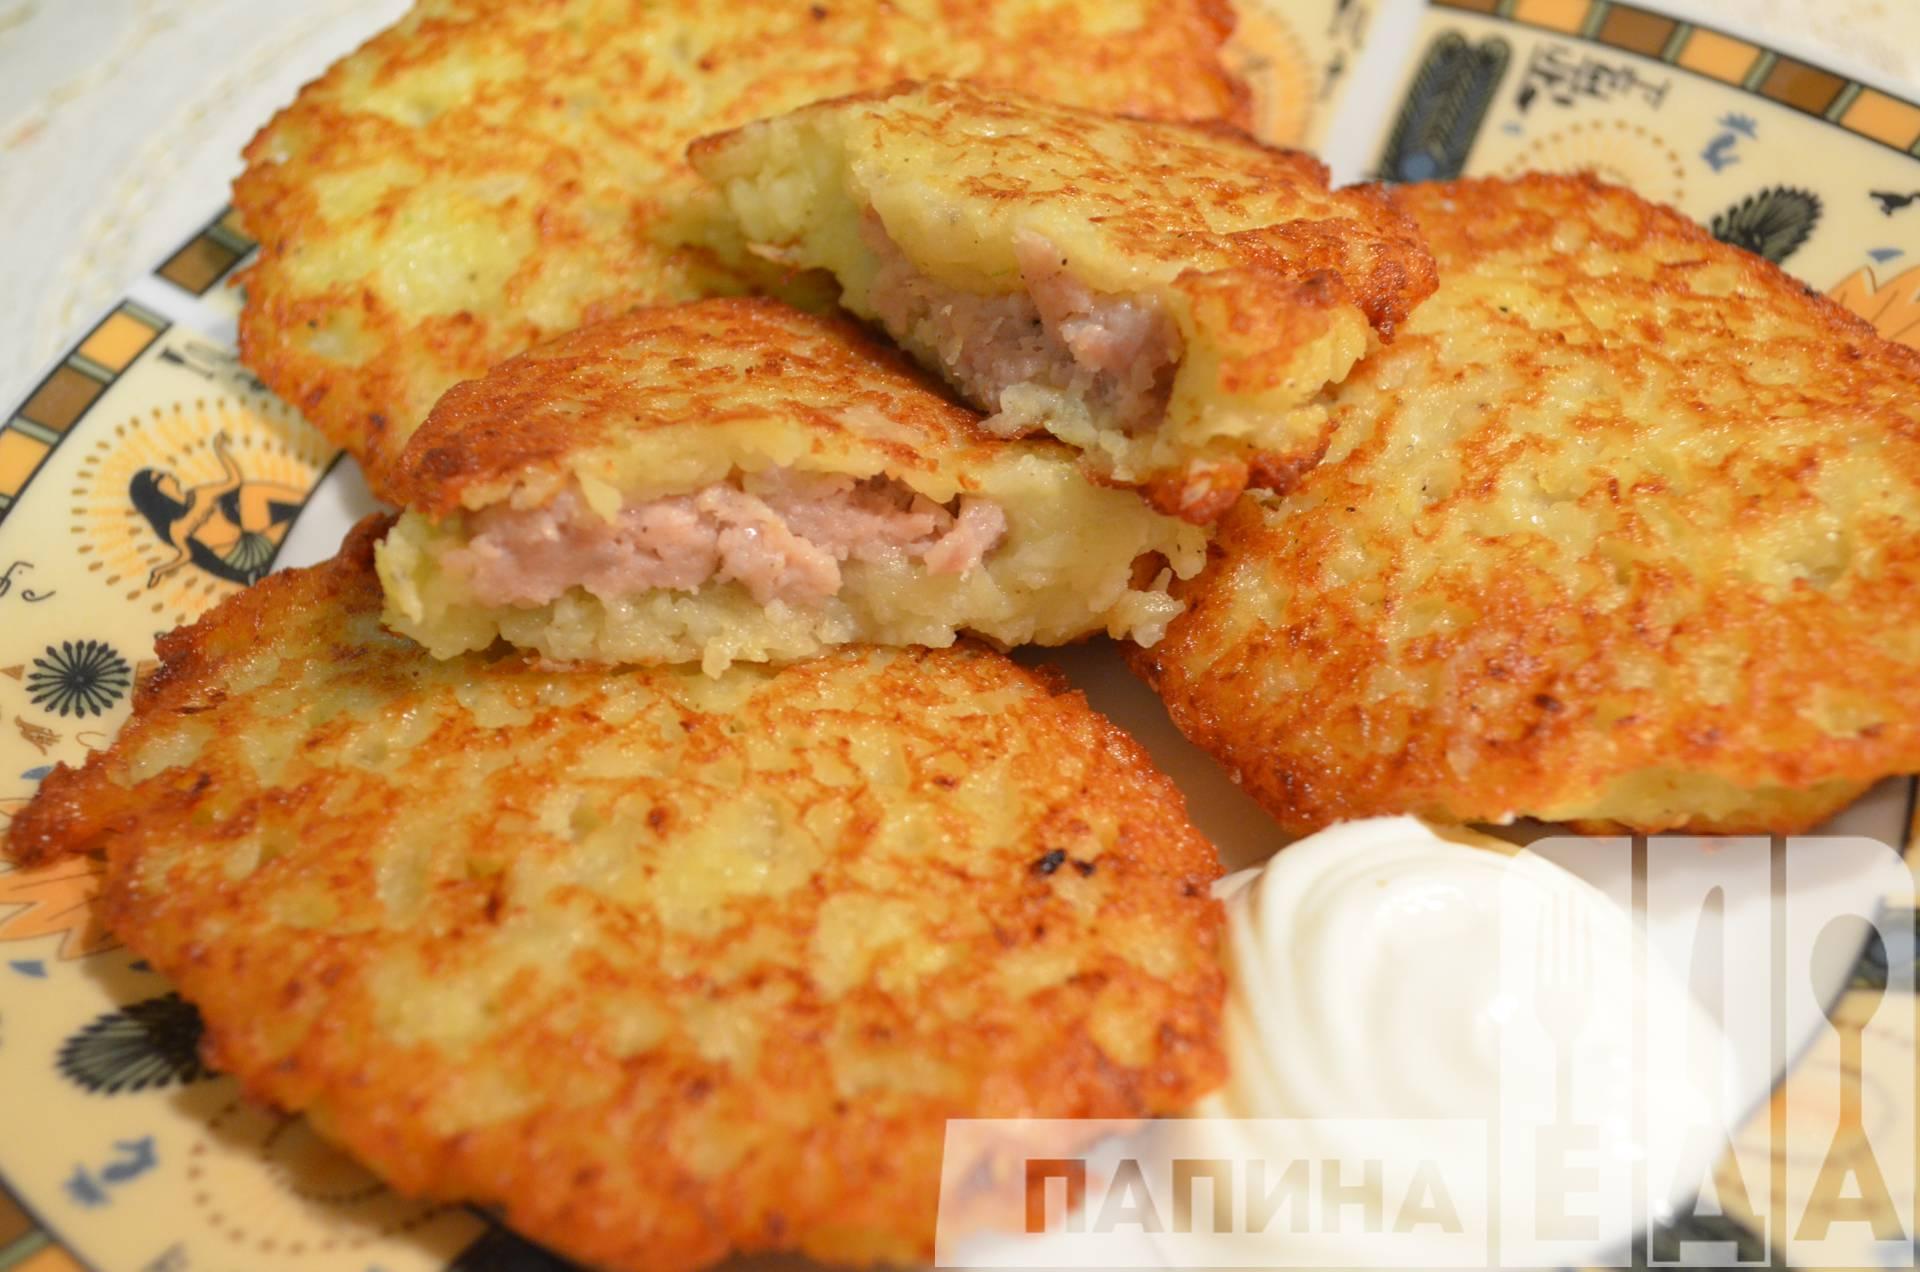 Фото рецепт вяленой домашней колбасы из